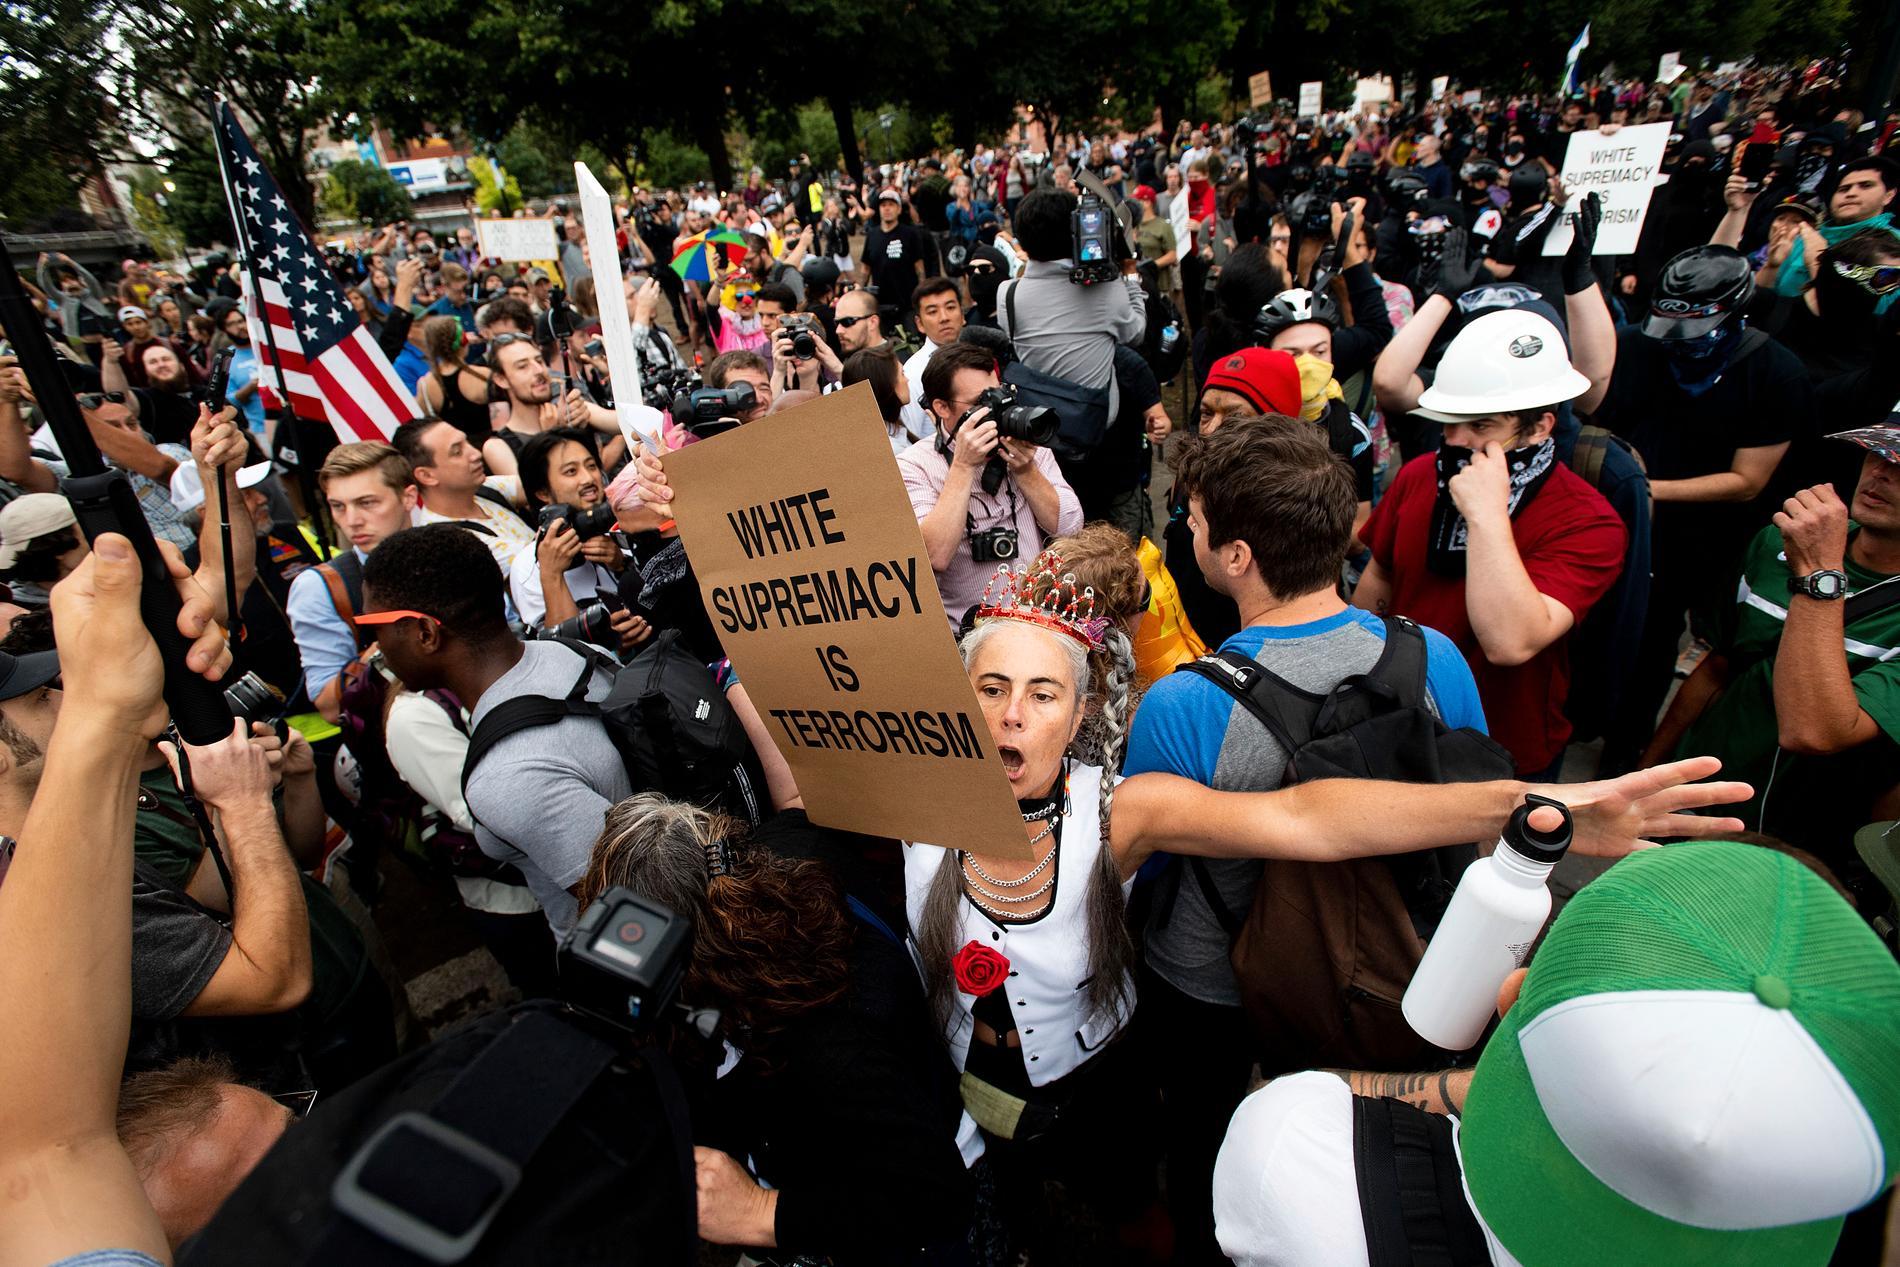 Motdemonstranter, varav en del tillhör de autonoma vänsterrörelsen Antifa, vid en högerextrem manifestation i Portland 2019. Arkivbild.